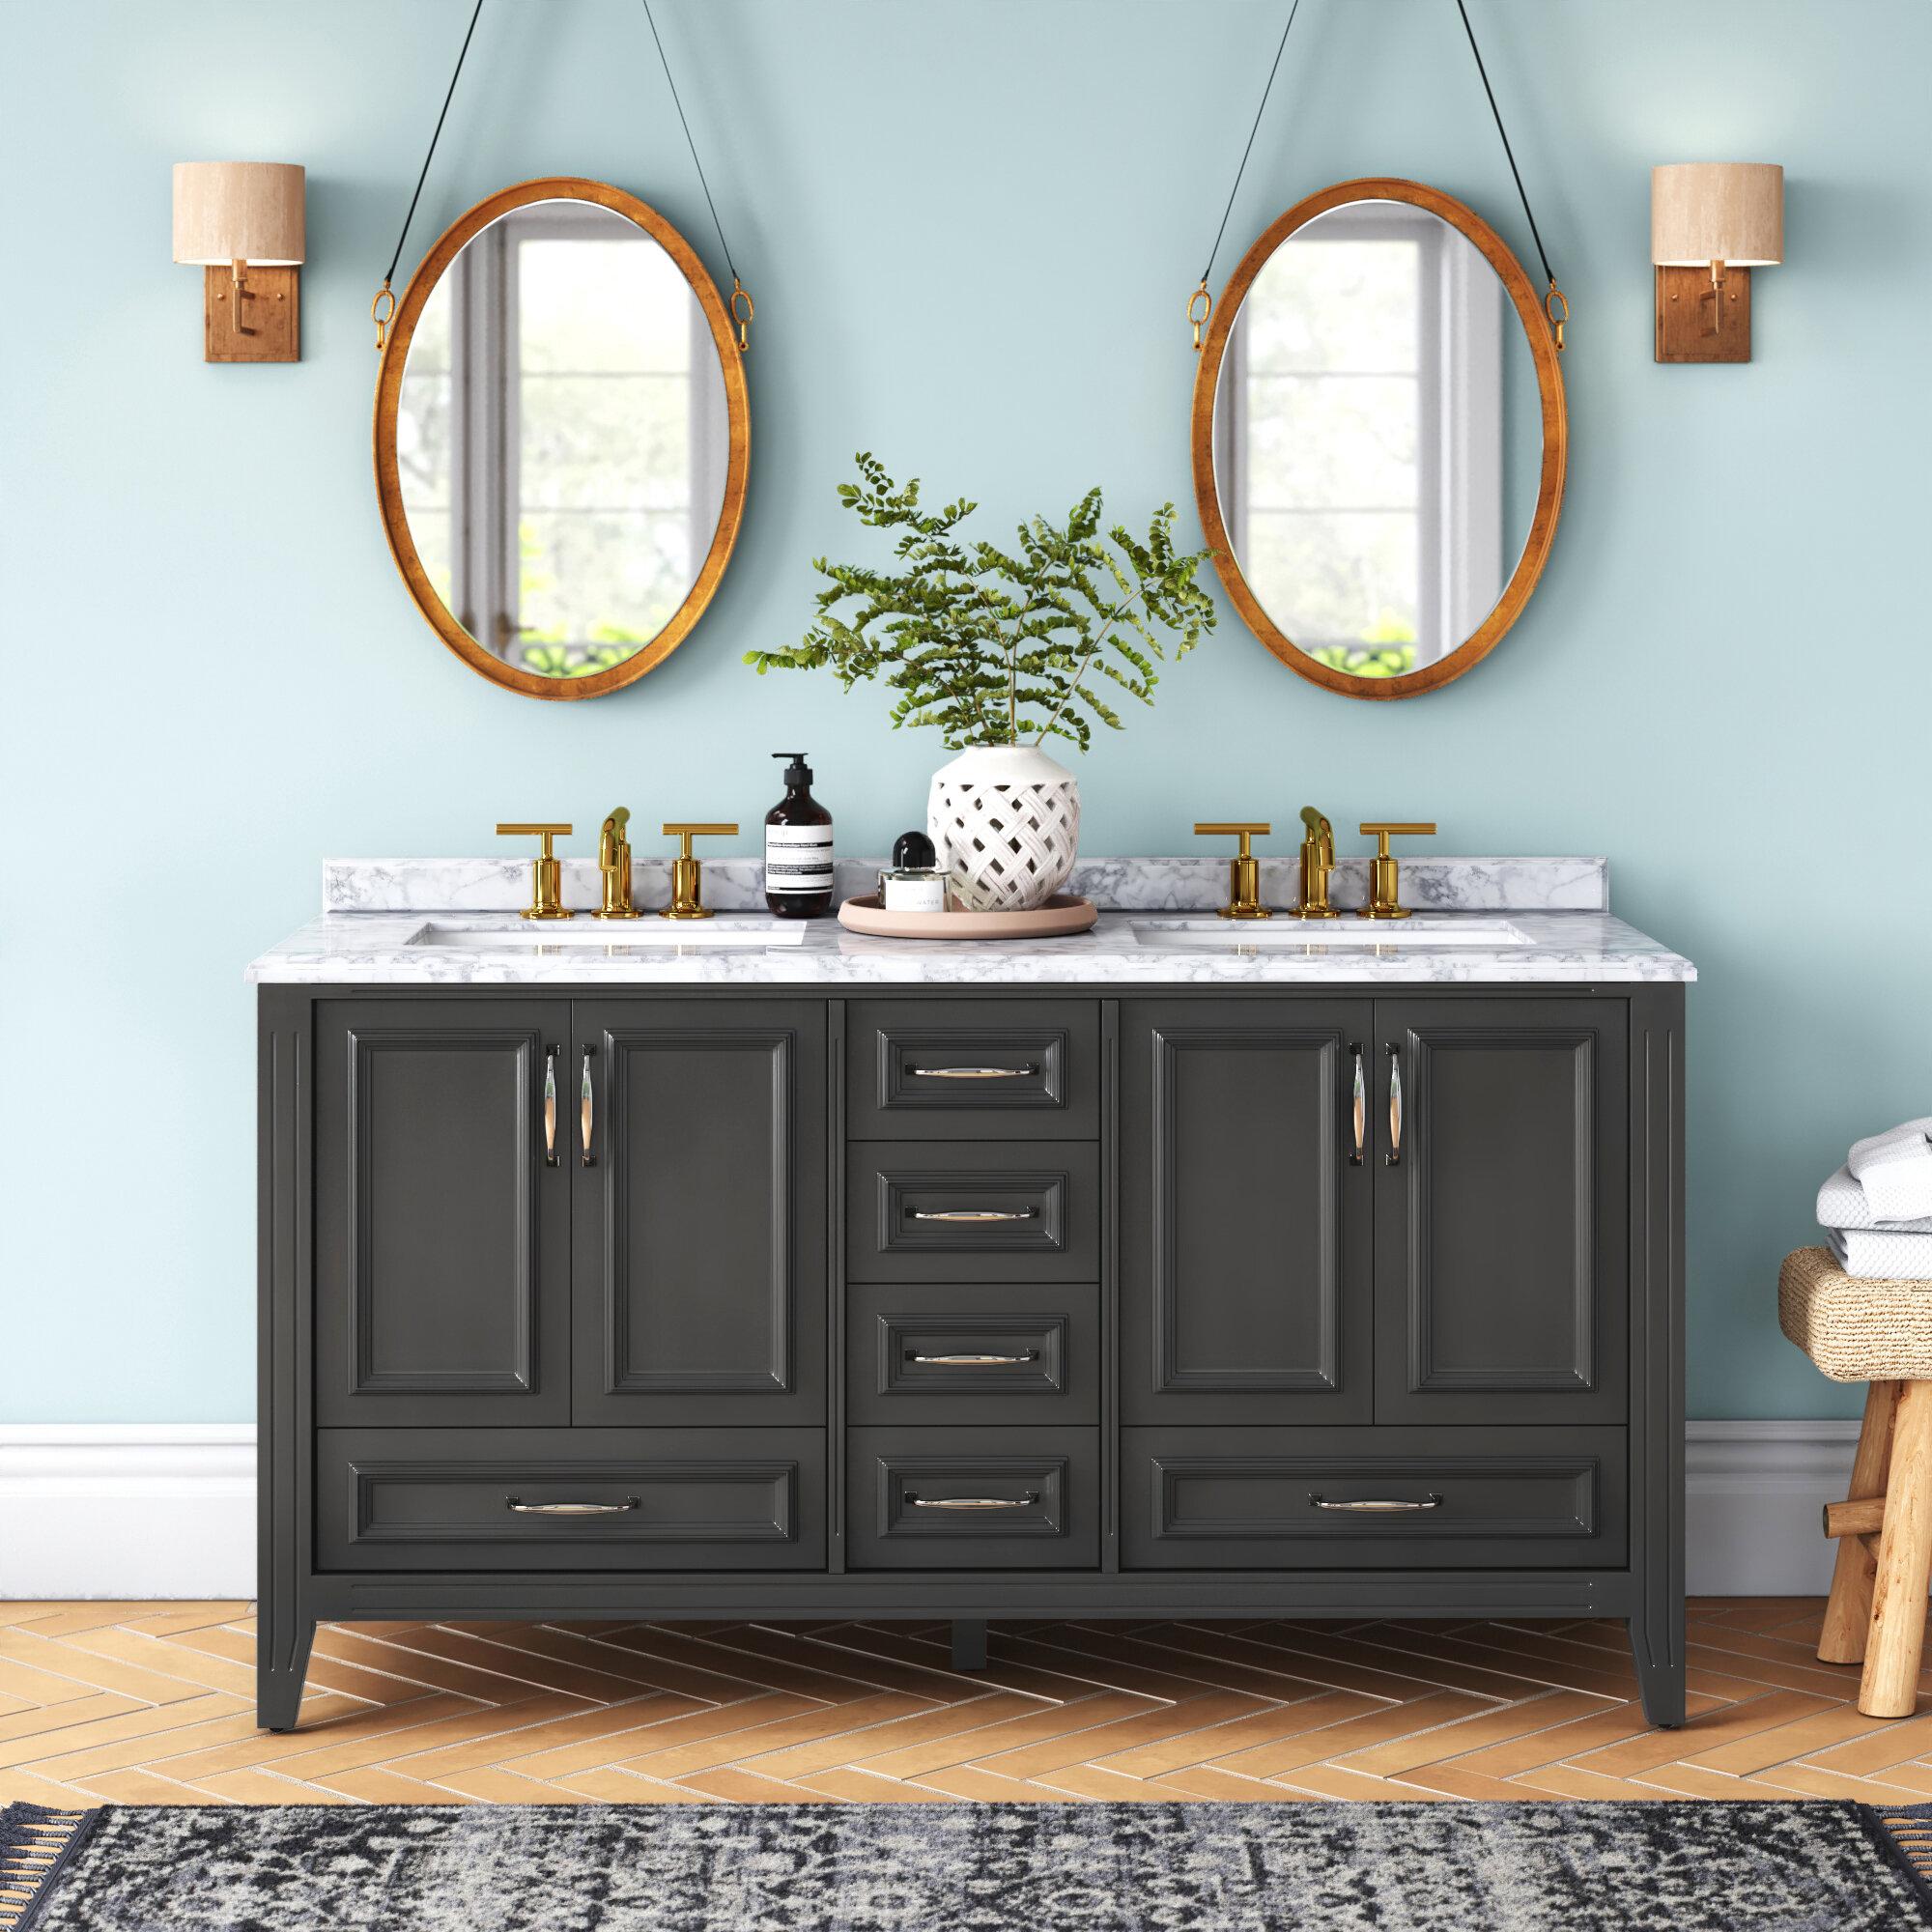 Schulenburg 60 Double Bathroom Vanity Set Reviews Joss Main